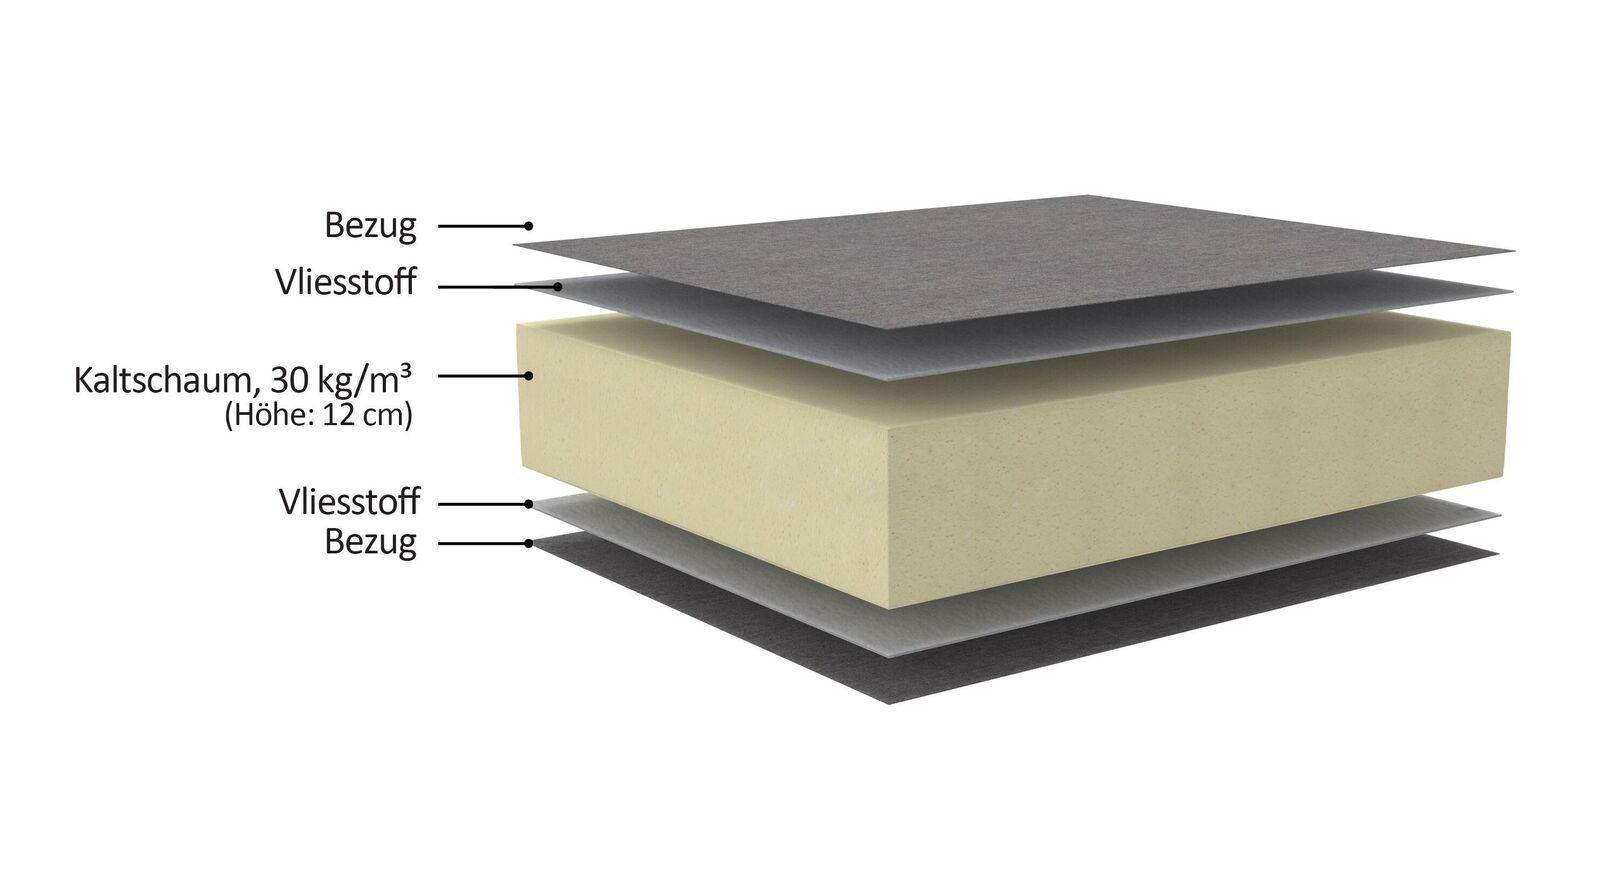 Querschnitt der Kaltschaummatratze für Schlafsofas mit Bezeichnungen